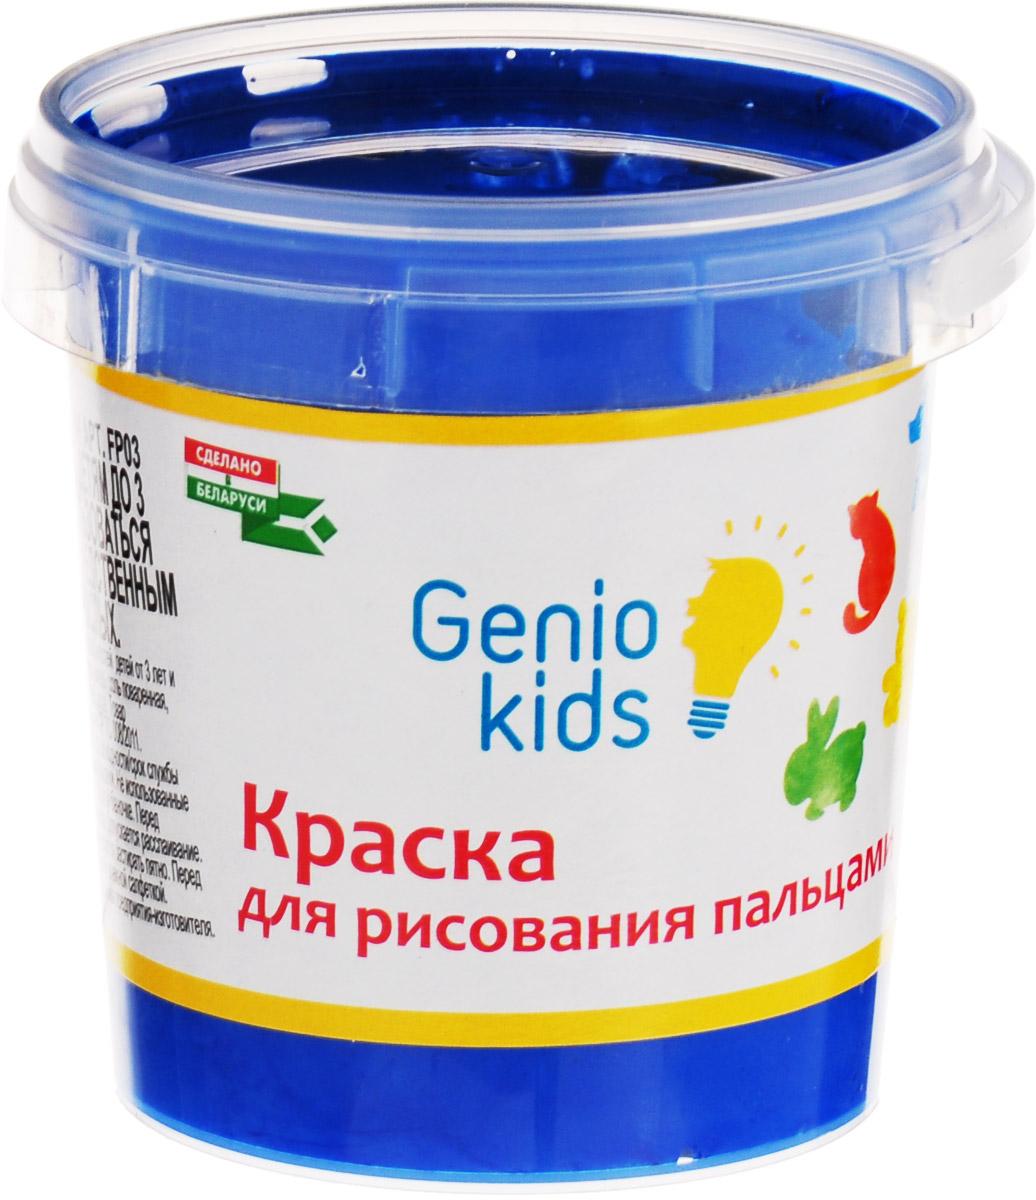 Genio Kids Краска пальчиковая цвет синий 100 млFS-00103Одним из самых легких и интересных видов творчества, в котором ваш ребенок с удовольствием примет активное участие - это рисование.Пальчиковая краска Genio Kids даст вашему ребенку возможность проявить себя, предоставив необходимый минимум творческих принадлежностей. При использовании краски не понадобятся ни кисточка, ни вода, достаточно просто открыть банку, окунуть в краску пальчик – и можно приступать к творчеству.Пальчиковая краска безопасна, легко смывается с рук и любых поверхностей. Рисование будет развивать у вашего малыша творческие способности, воображение, логику, память, мышление.